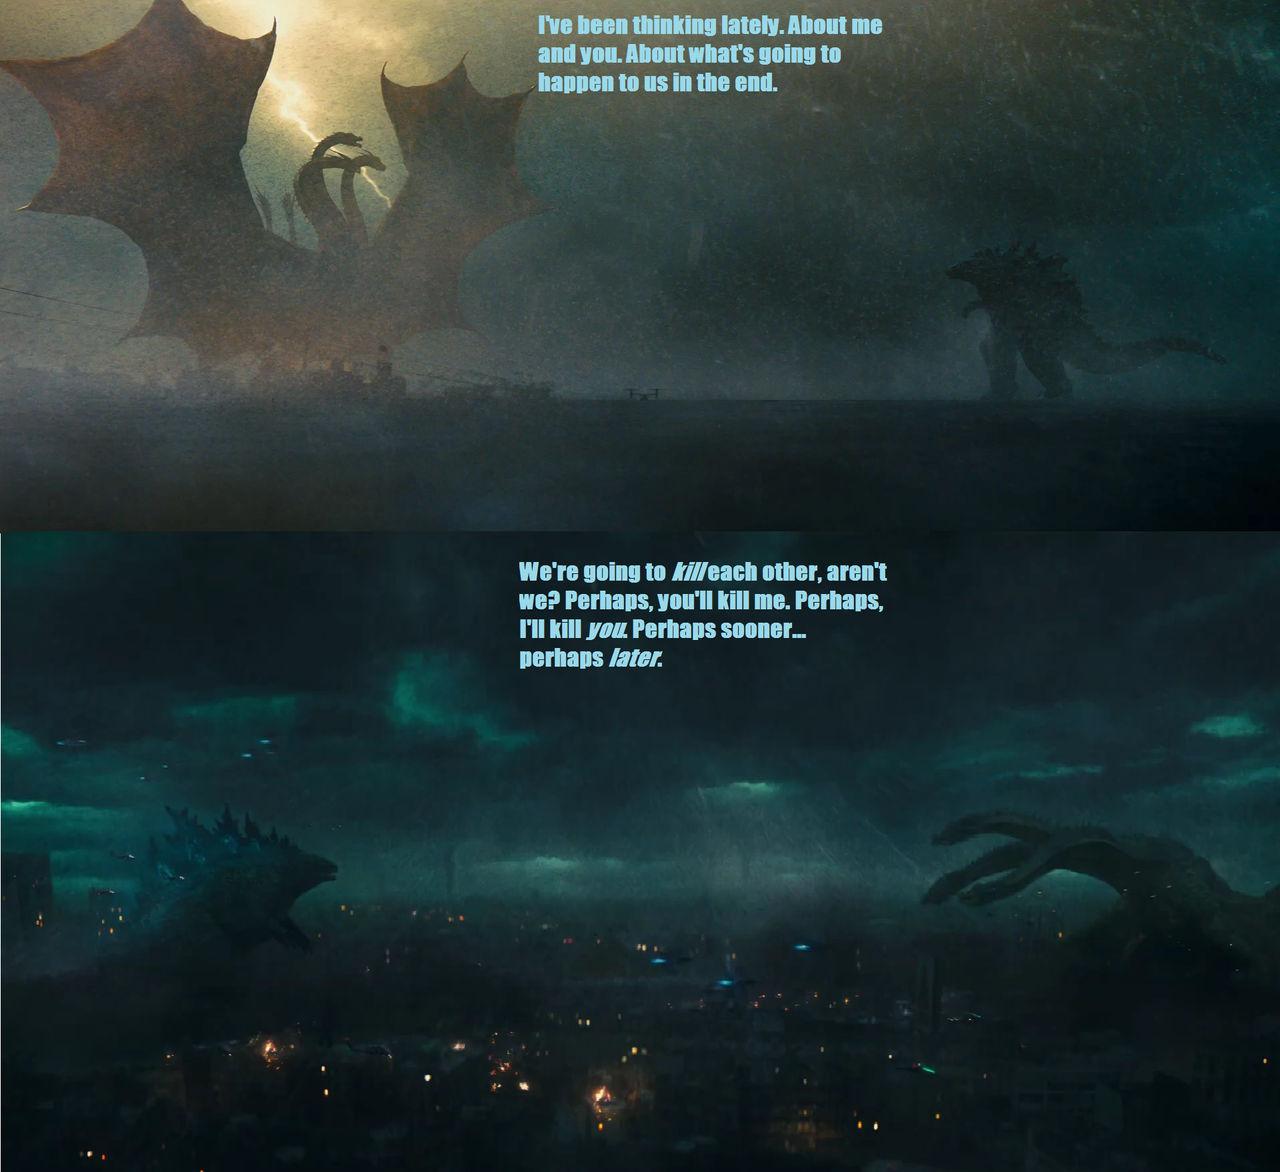 Godzilla Quotes: Godzilla The Killing Joke By KaijuAlpha1point0 On DeviantArt